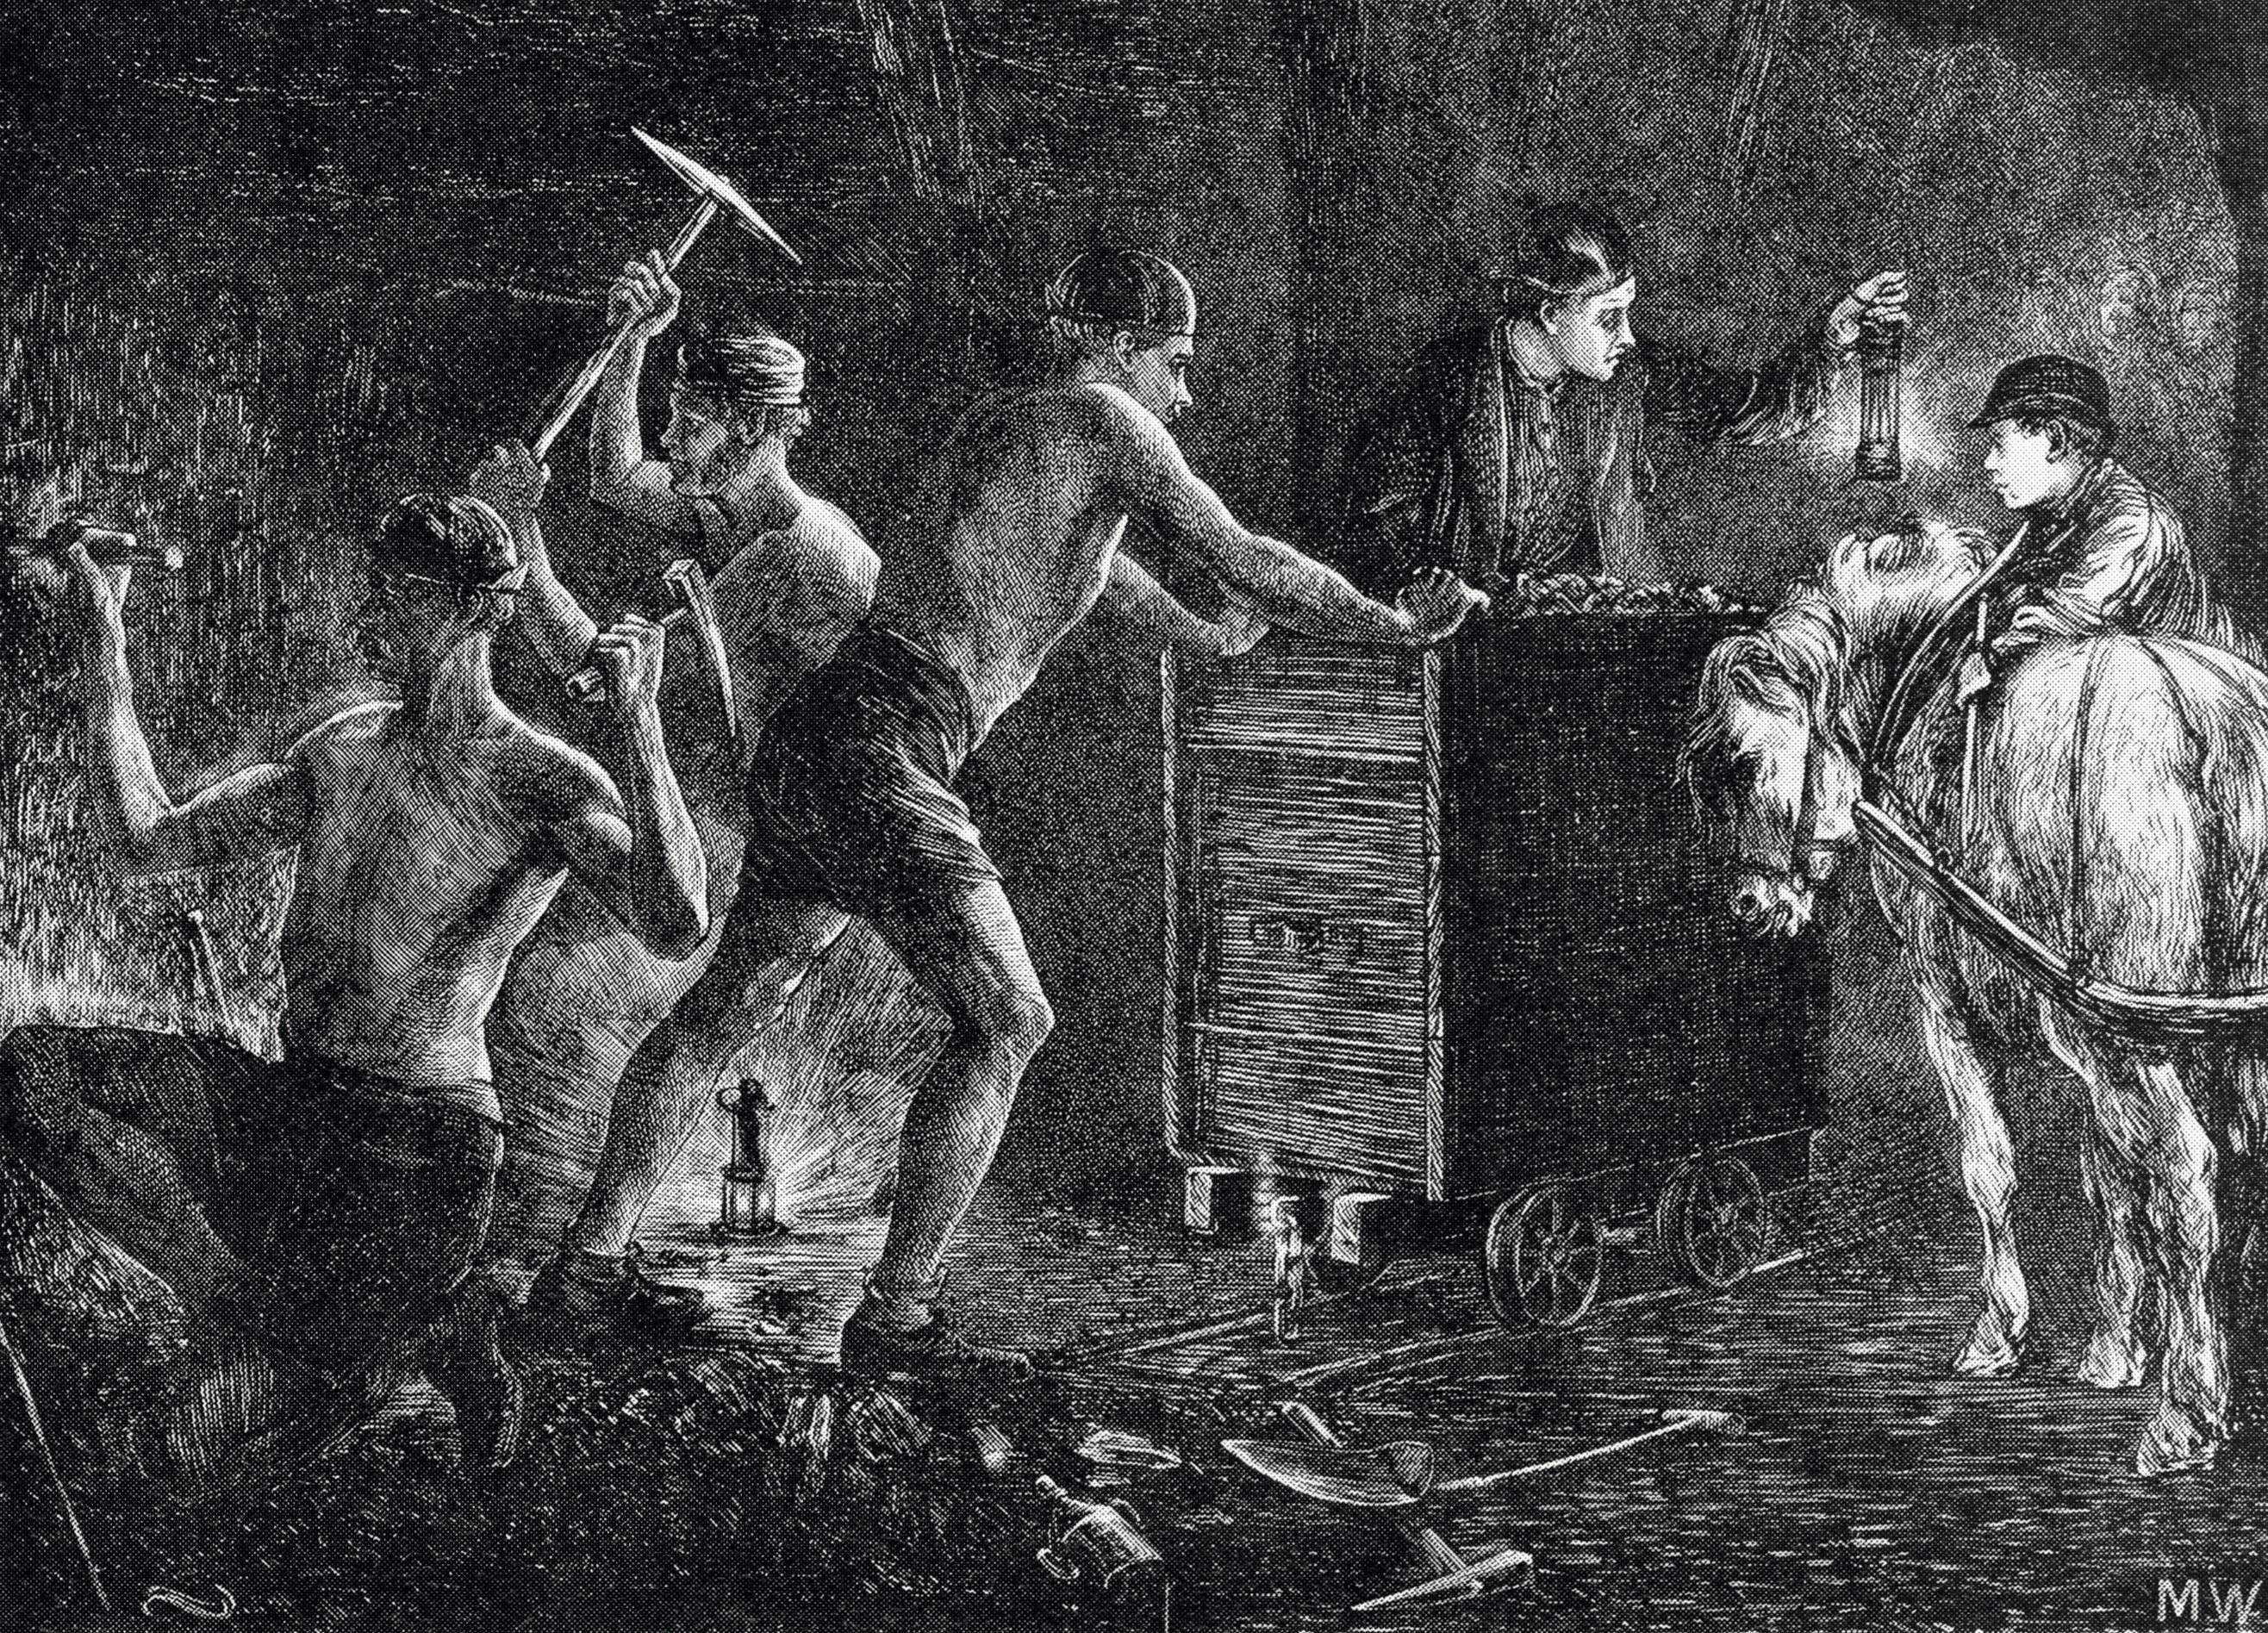 Anonyme, Mineurs de charbon, 1871, dessin paru dans The Graphic.